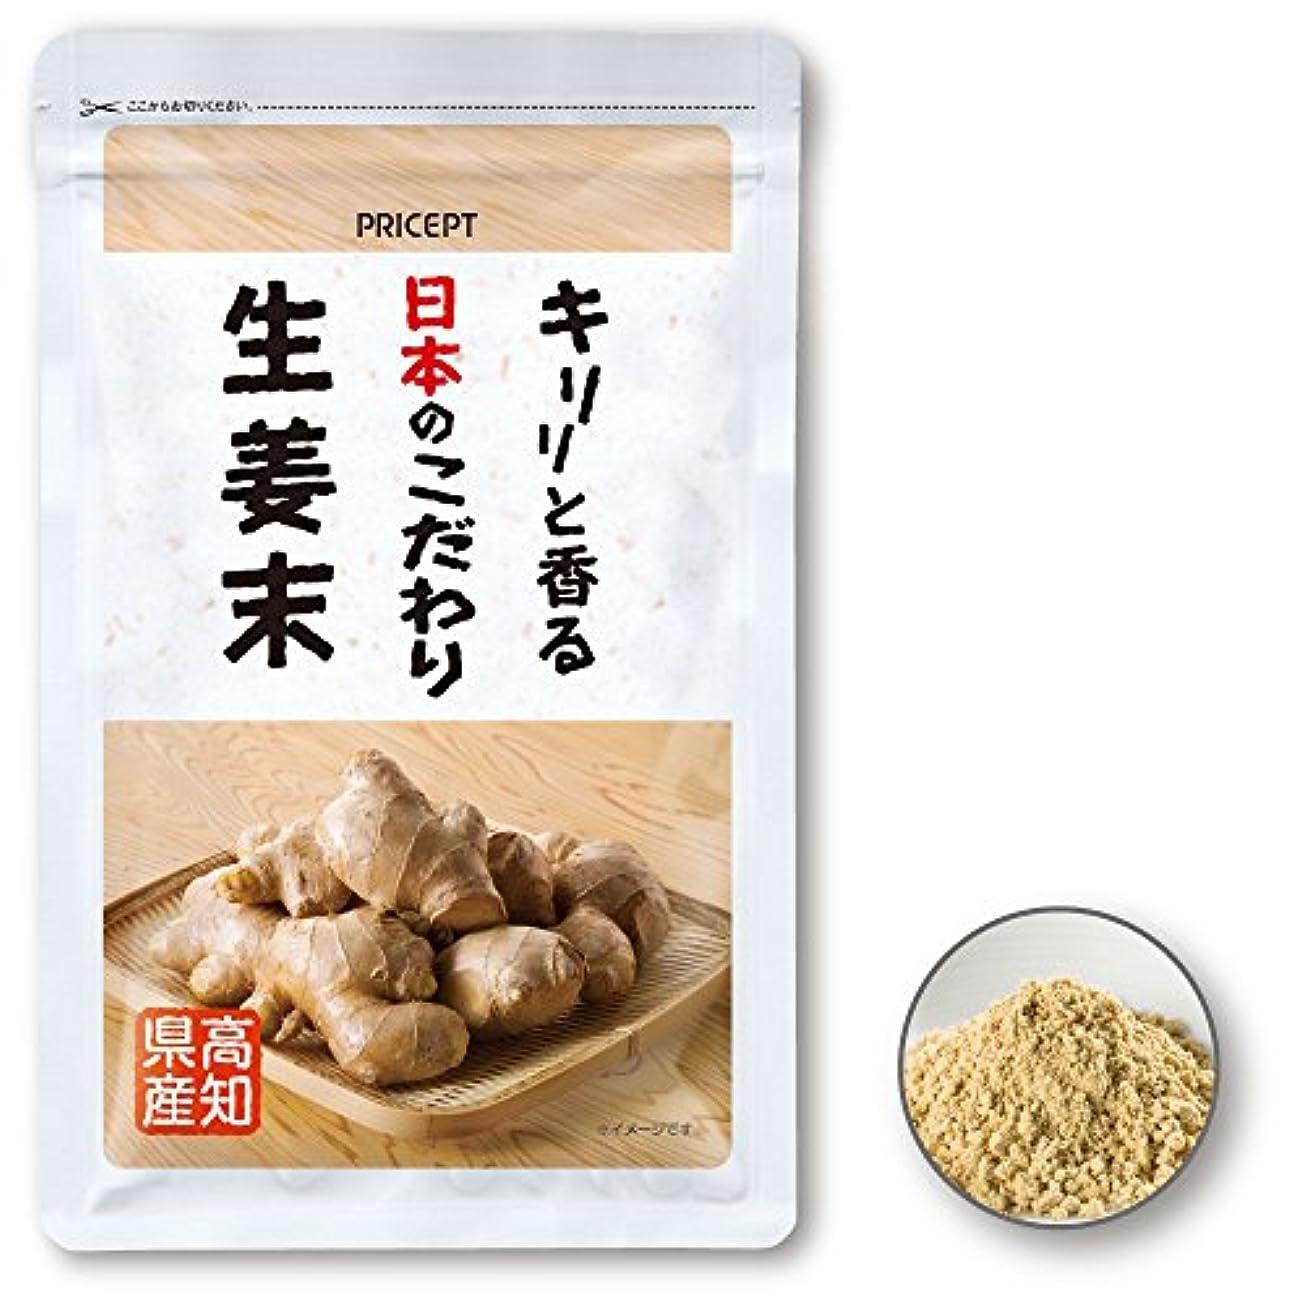 卒業急速な家族プリセプト キリリと香る日本のこだわり生姜末 50g(単品)(高知県産しょうが粉末)